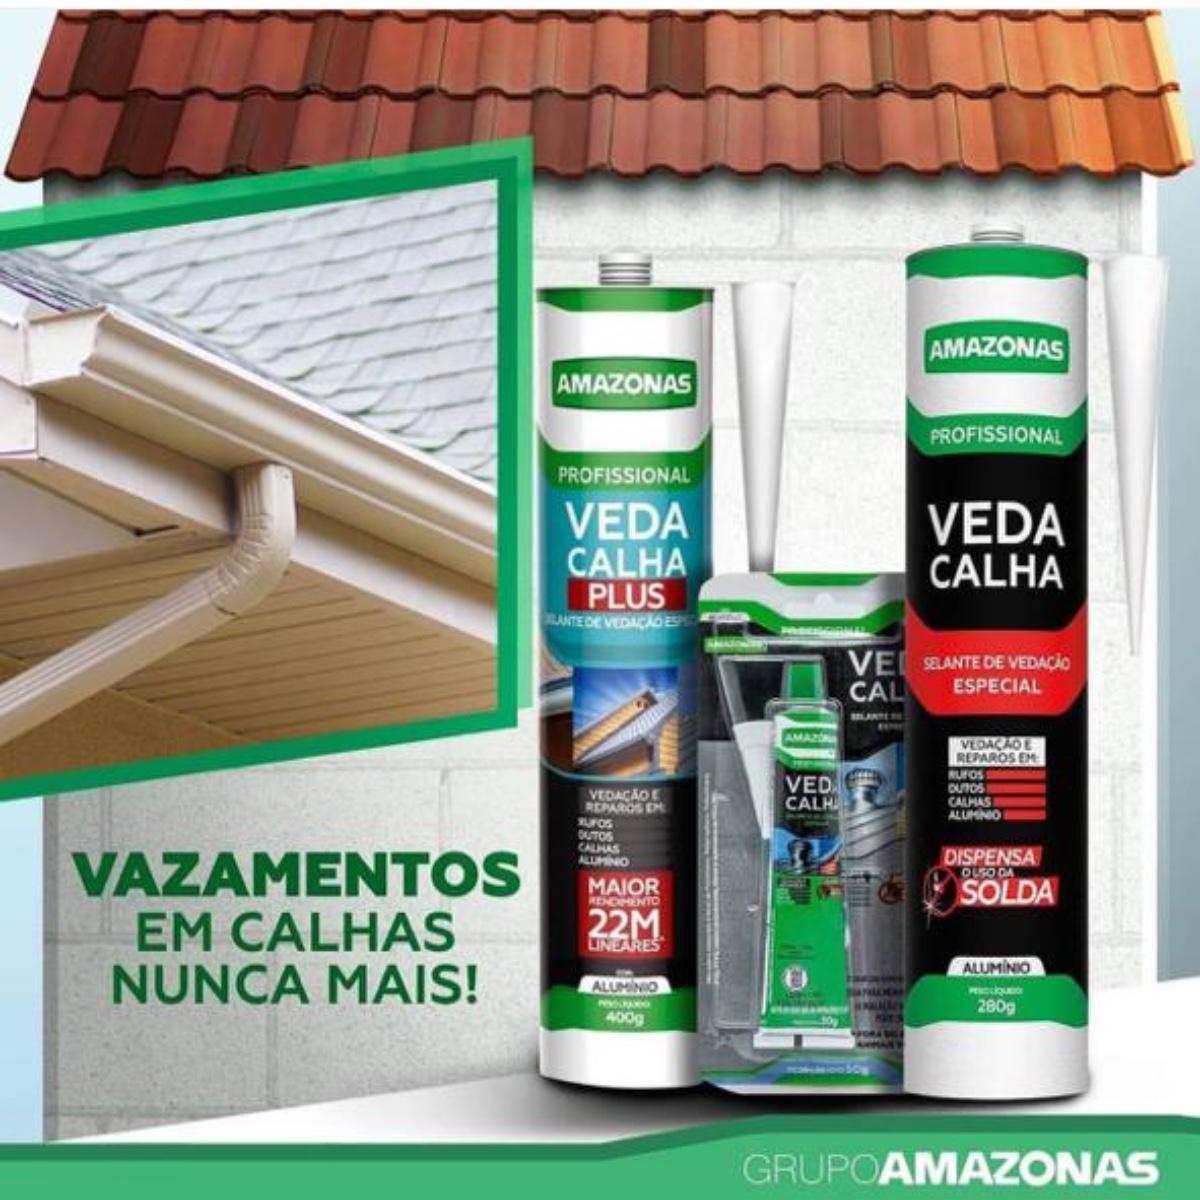 Adesivo Veda Calha Selante Vedação Amazonas 280g